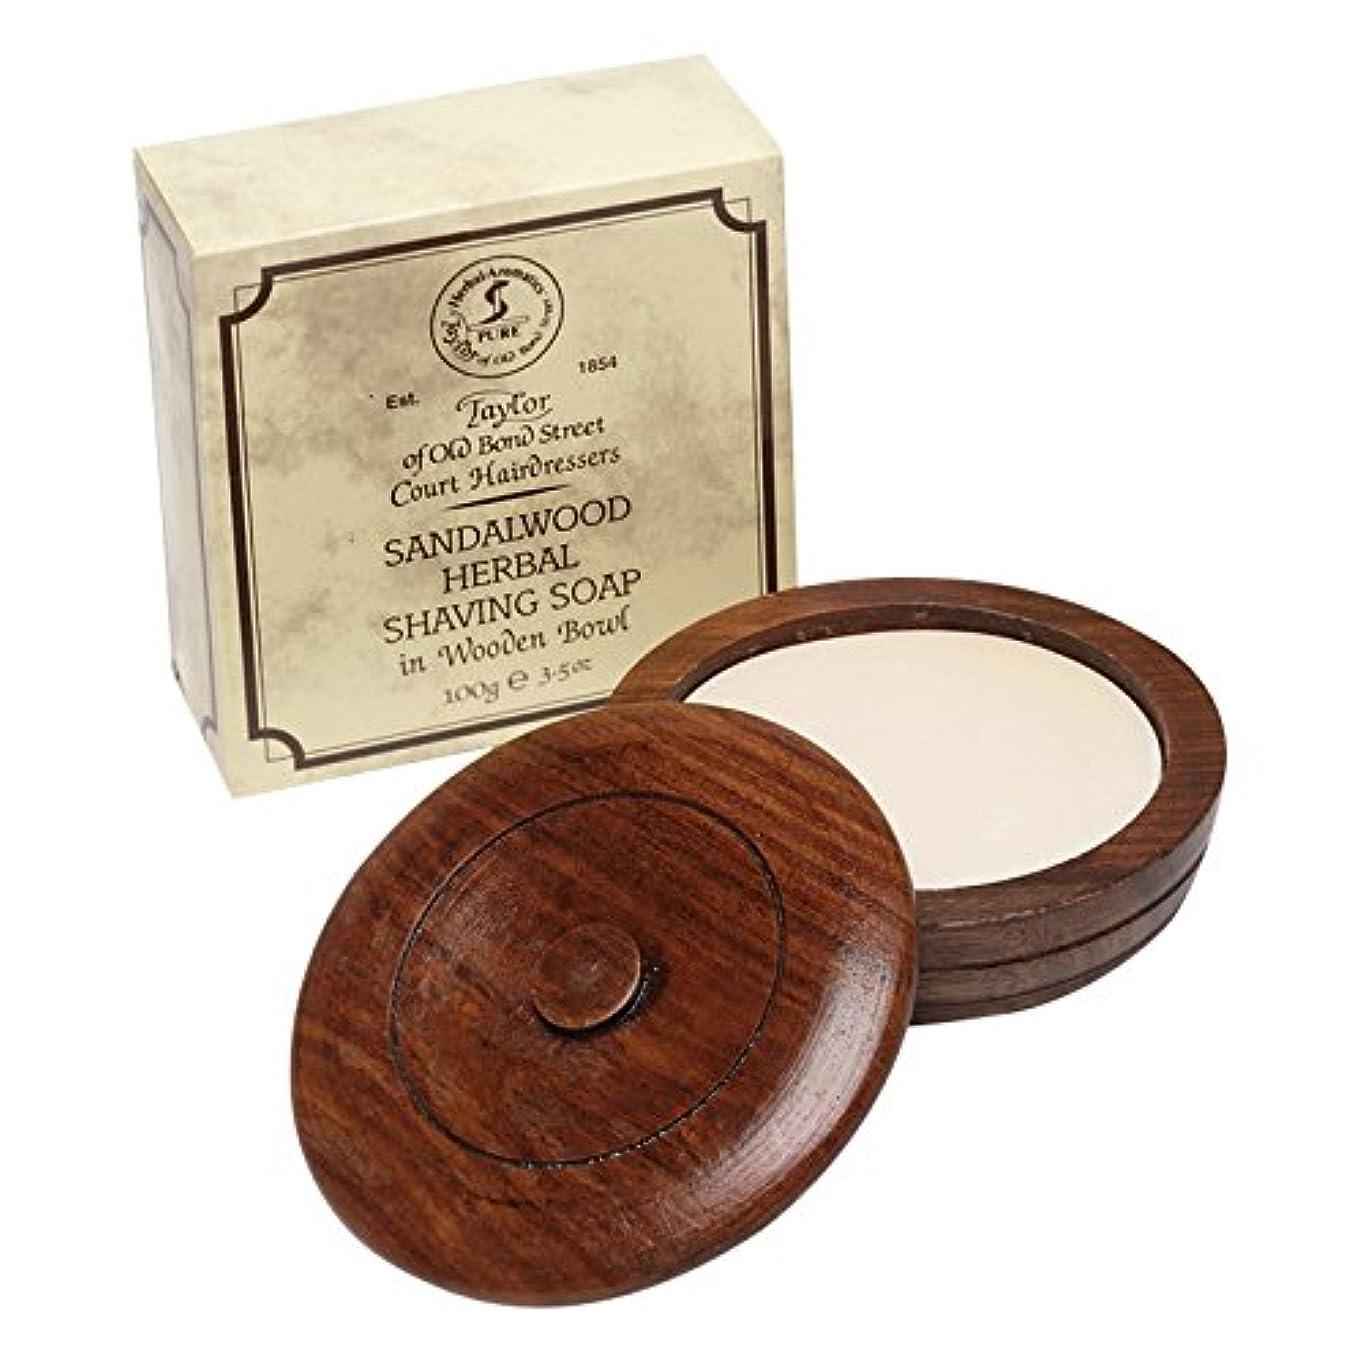 ルーフ輸血数値木製のボウル100グラム古いボンド?ストリート白檀シェービングソープのテイラー (Taylor of Old Bond Street) (x2) - Taylor of Old Bond Street Sandalwood Shaving Soap with Wooden Bowl 100g (Pack of 2) [並行輸入品]